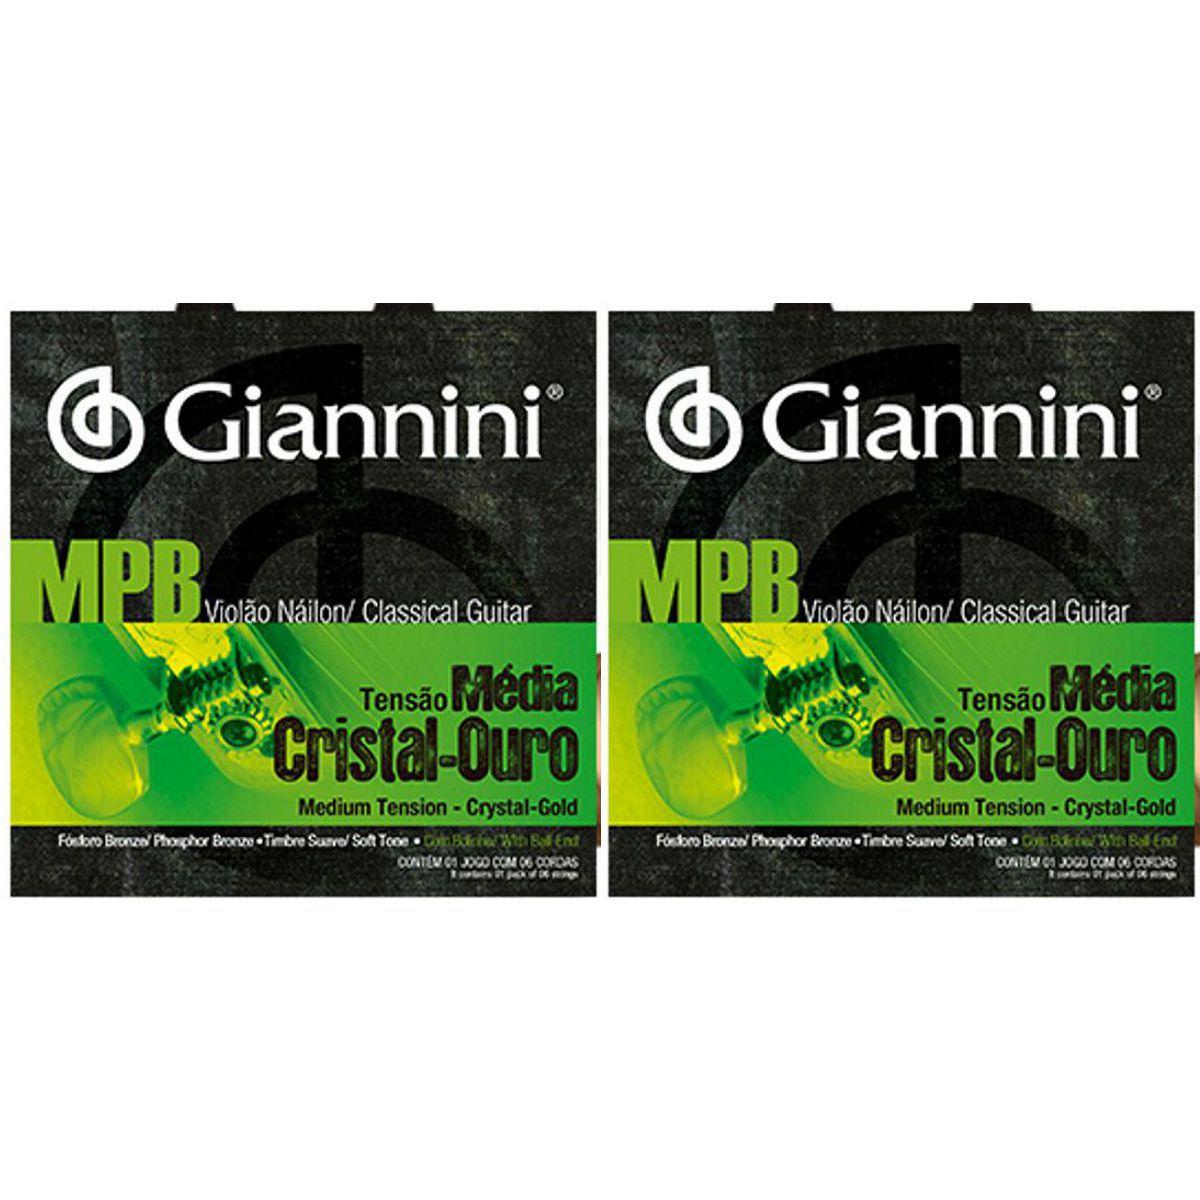 Encordoamento Giannini MPB Violão NYLON - Cordas de NYLON Cistal Ouro para Violão - GENWG - 02 Jogos